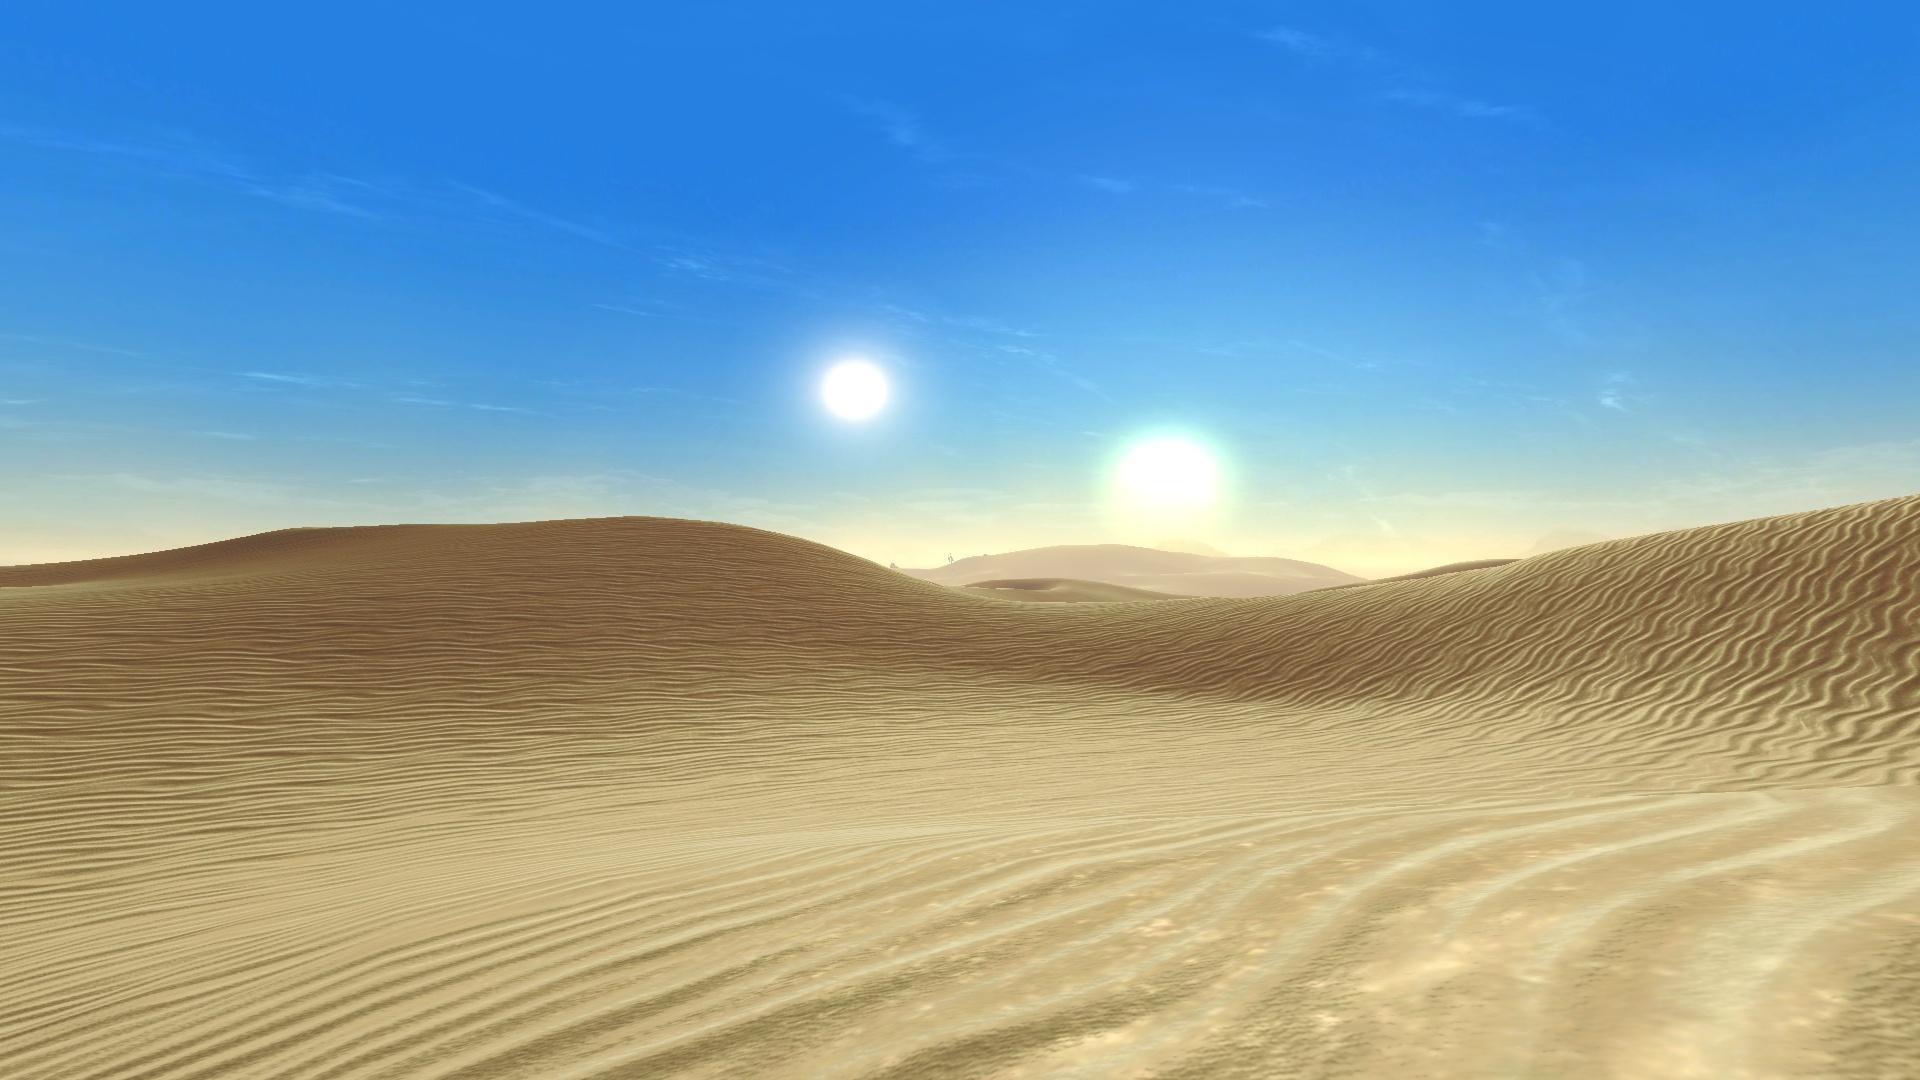 Tatooine Wallpaper Sf Wallpaper